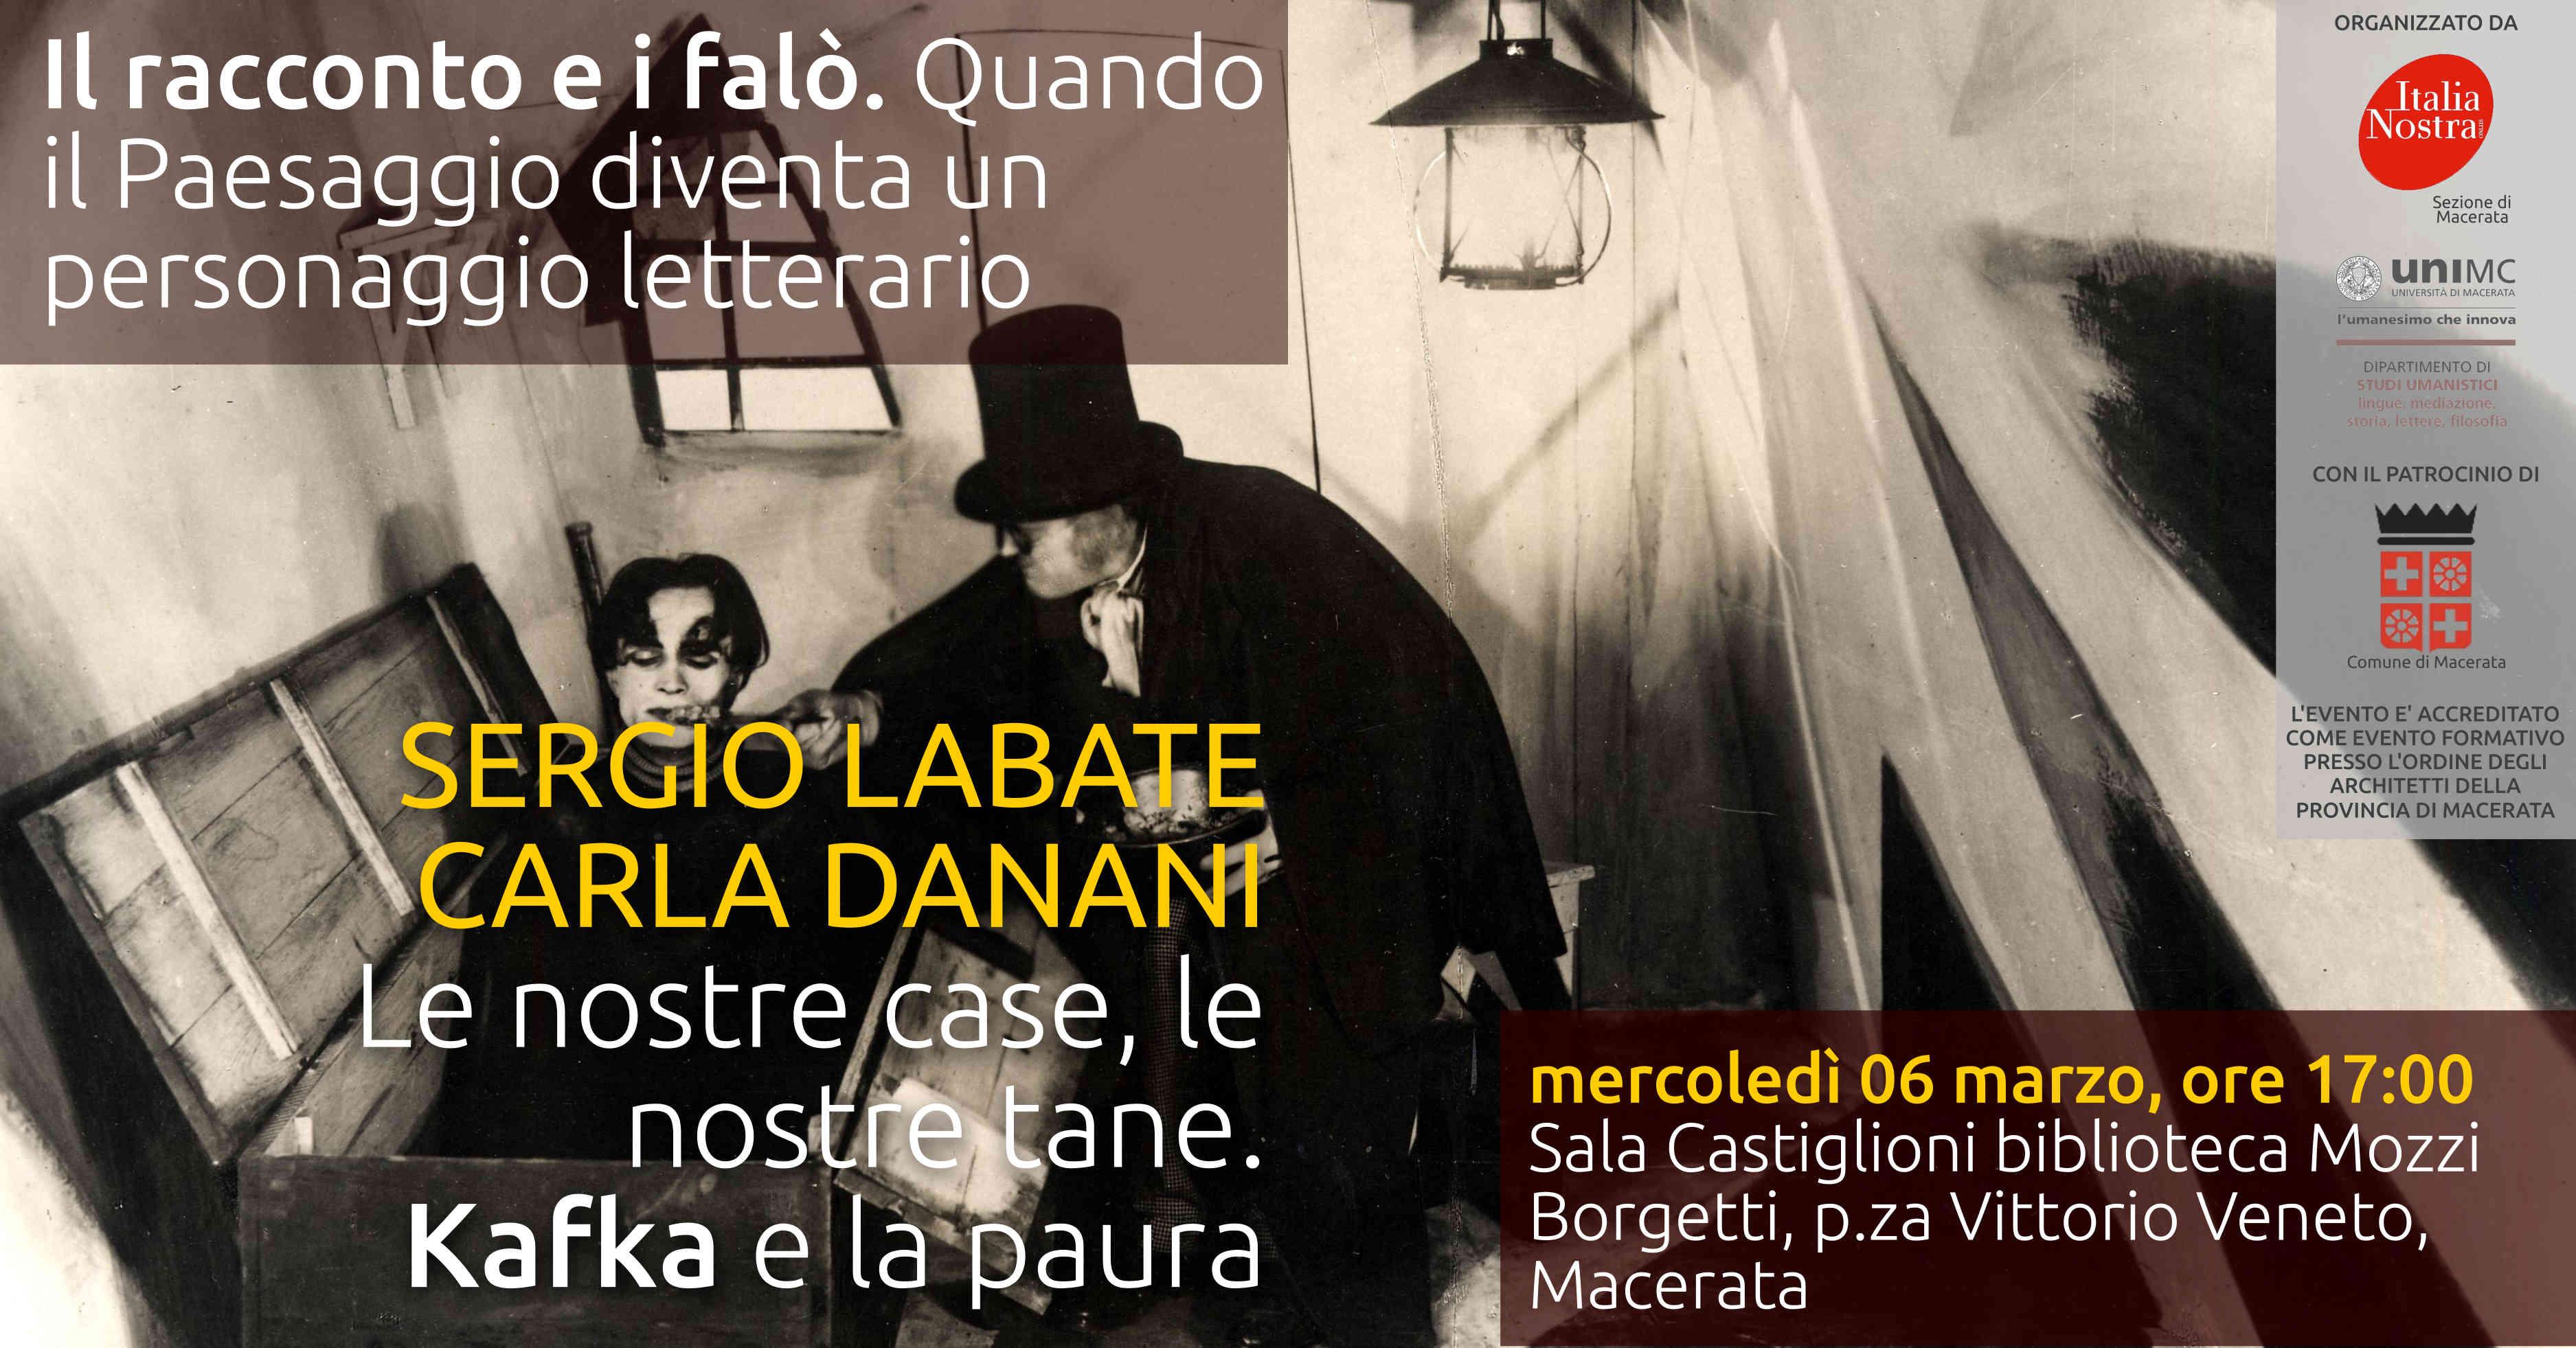 """Macerata, """"Il racconto e i falò"""" con Sergio Labate e Carla Danani"""